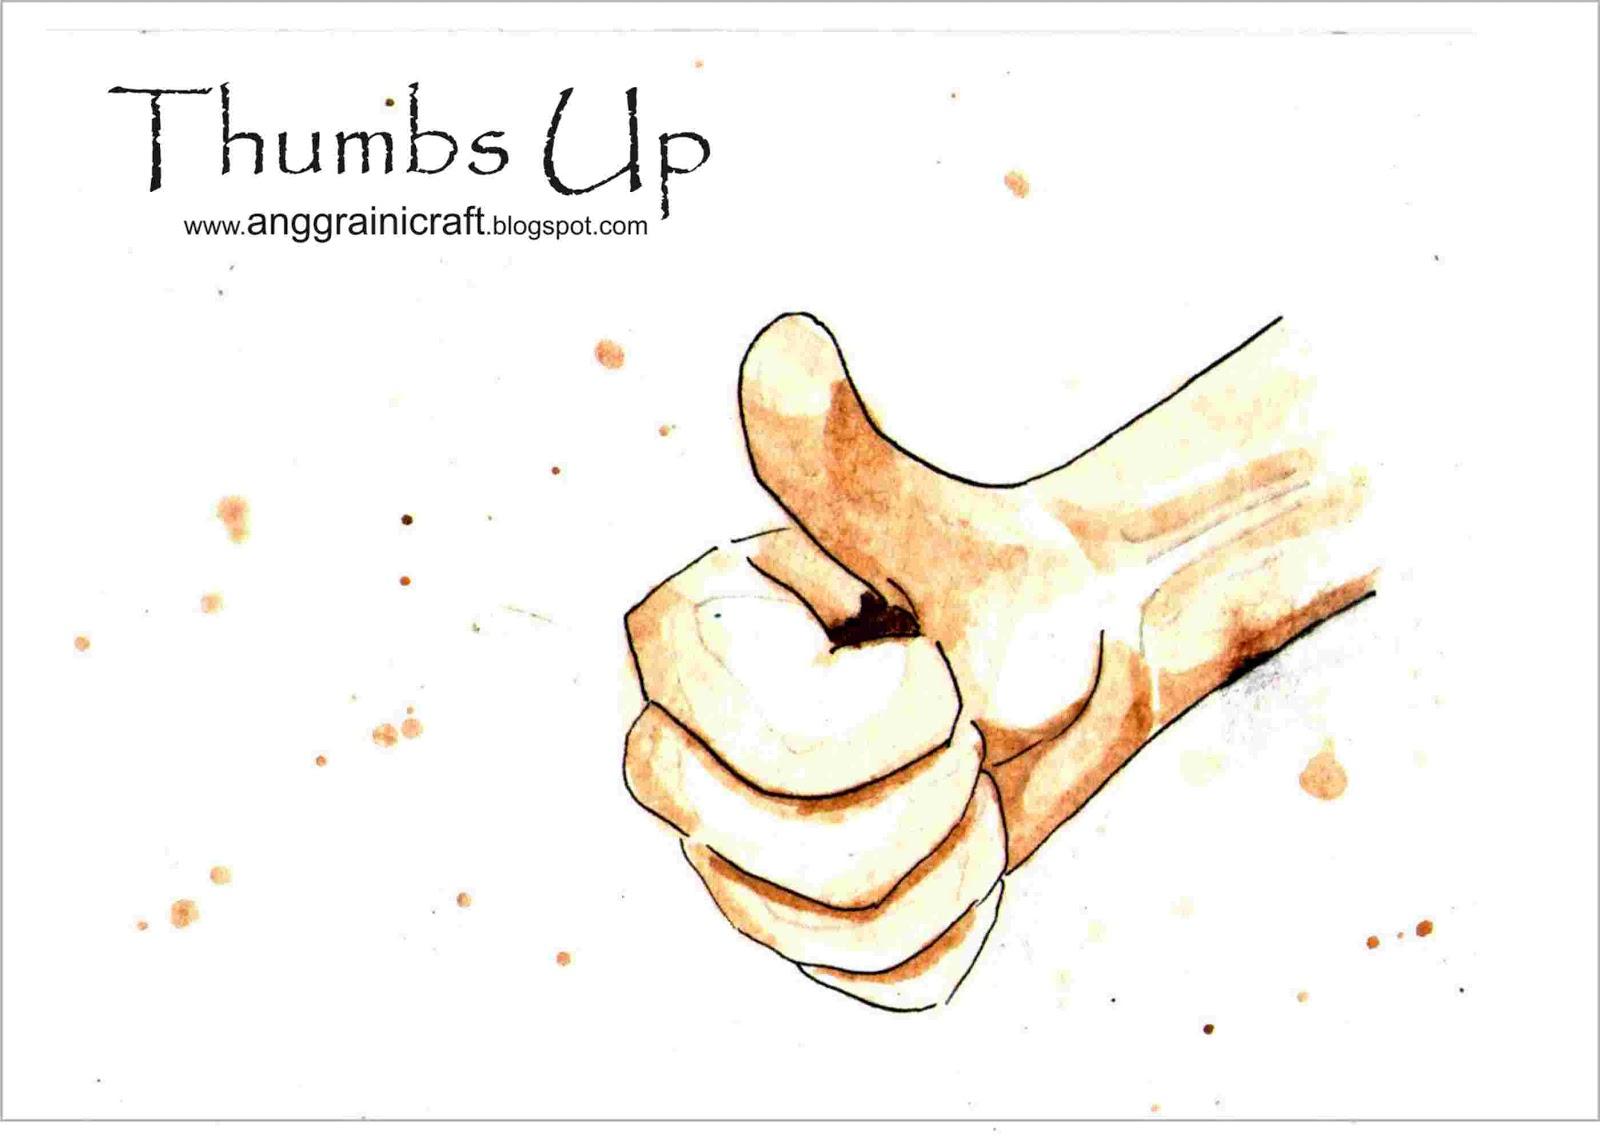 http://2.bp.blogspot.com/-dJuD56LEUp0/UL4GWcOtNuI/AAAAAAAAB6Y/ZTozAGxyxkM/s1600/daily+postcard+day+54.jpg